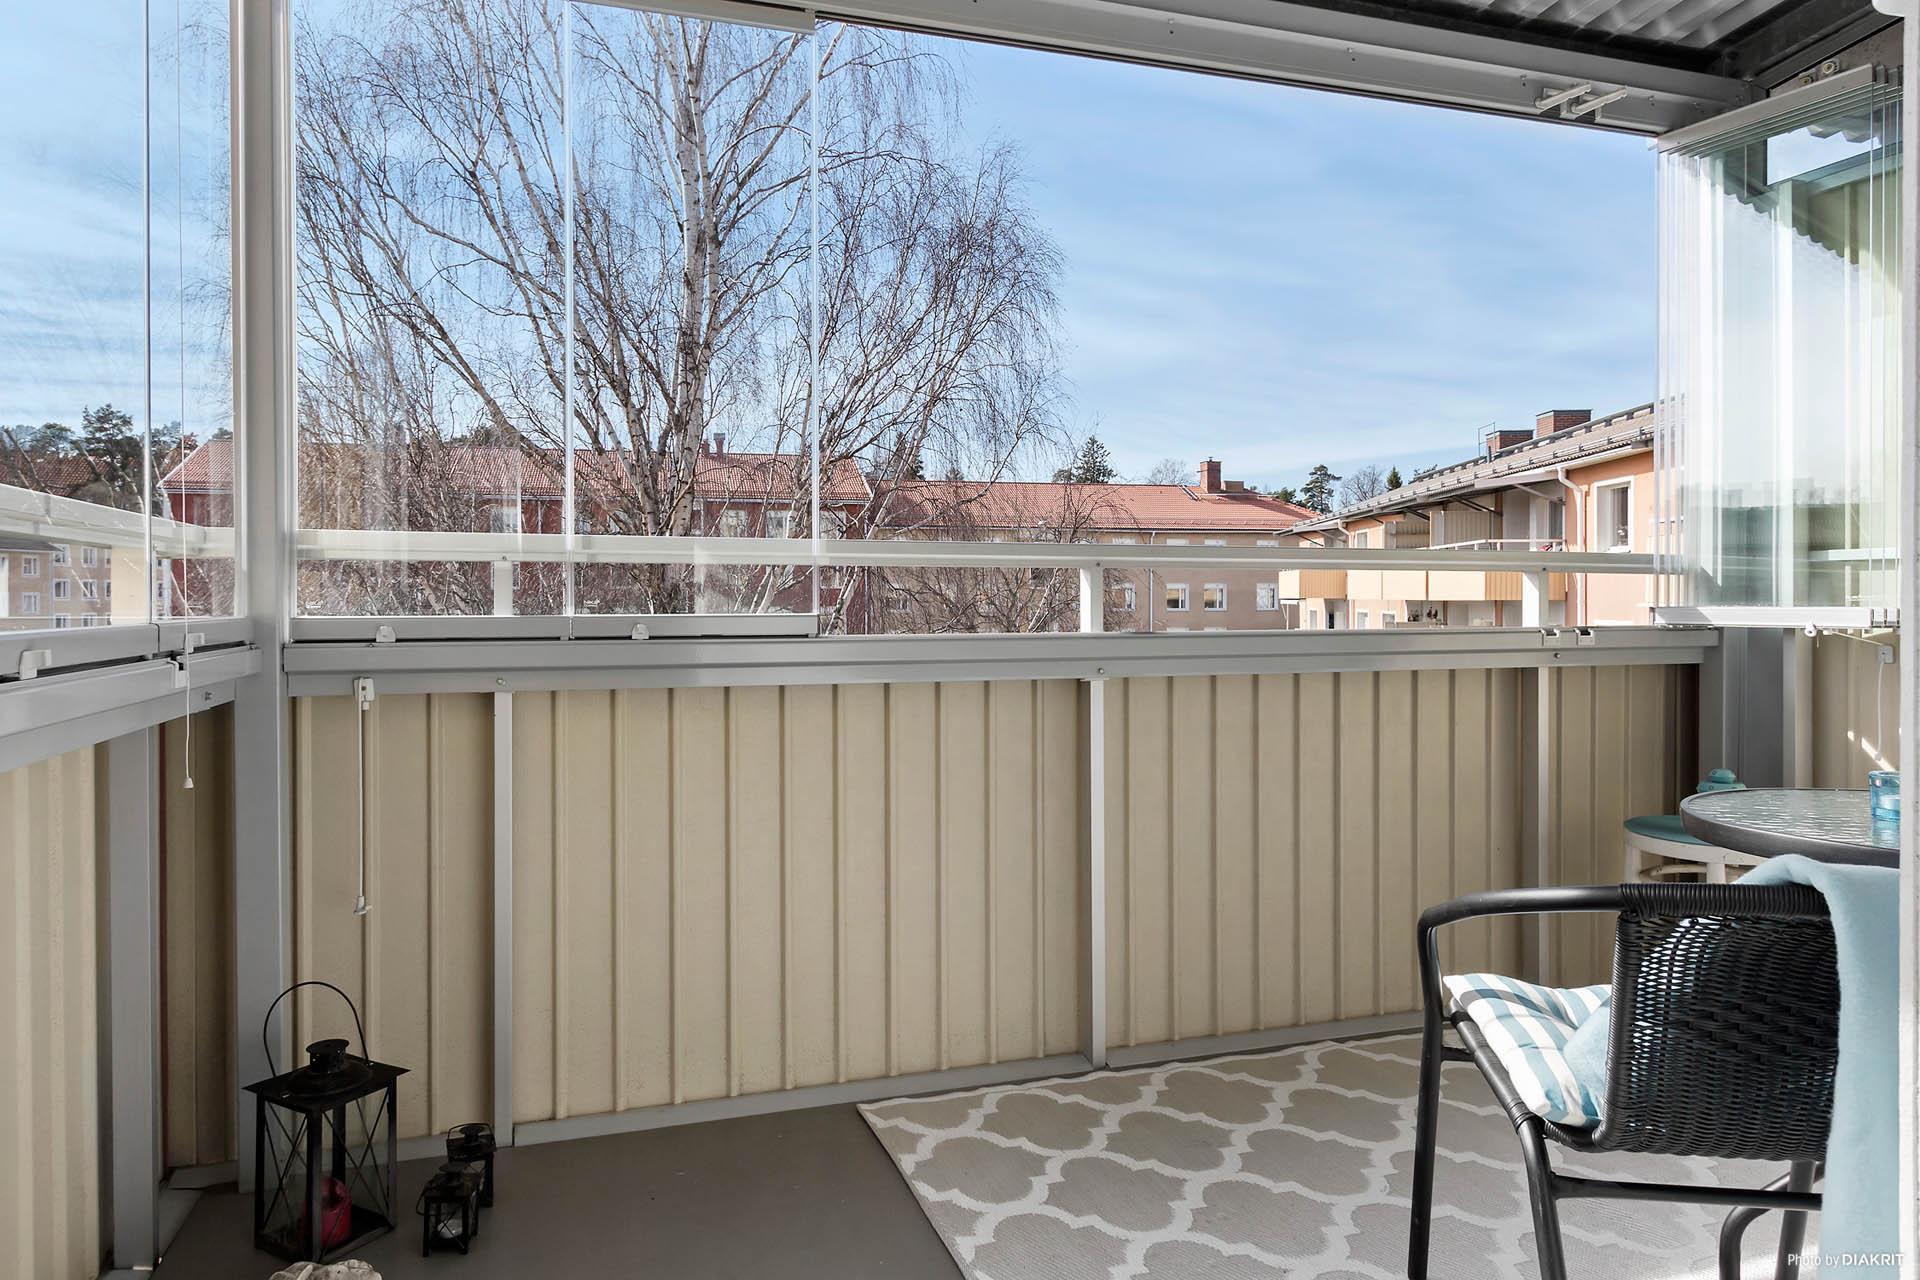 Inglasad balkong i syd/väst. Vikbara glaspartier som kan skjutas åt sidan